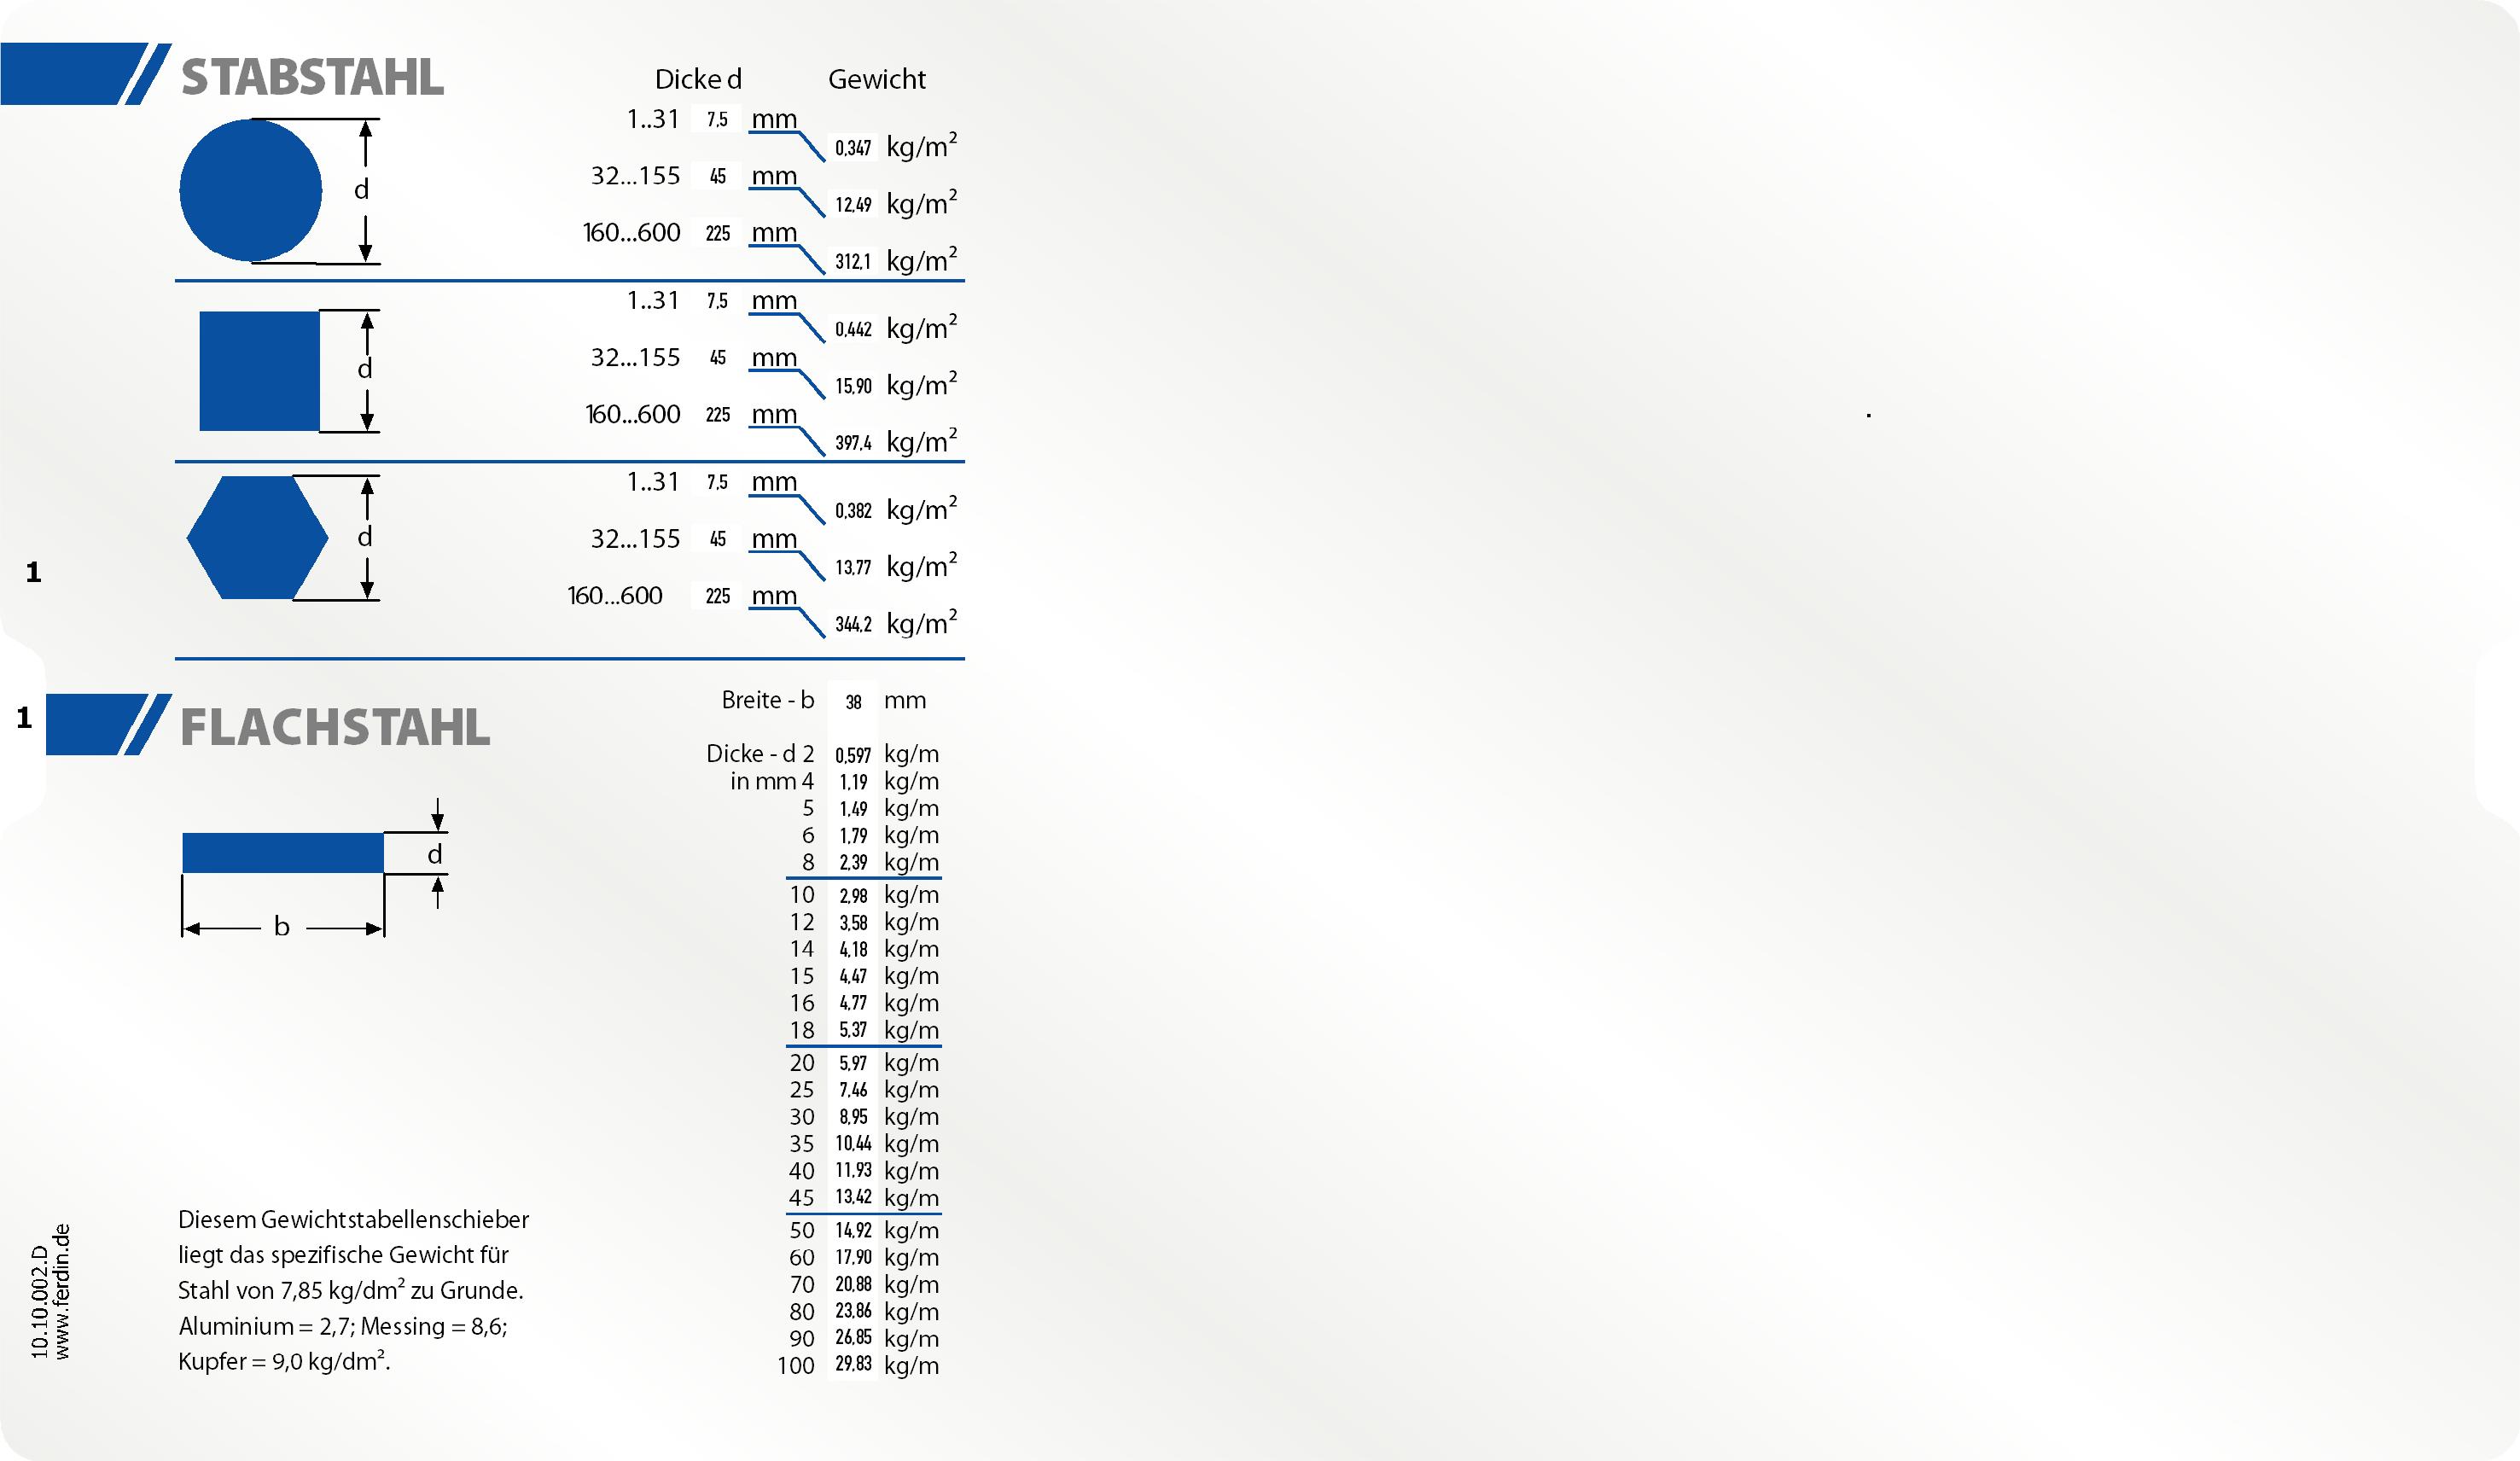 Stab- und Bandstahl Schieber Vorderseite Datenschieber für die Gewichstermittlung von Stahlprofilen Rundstahl, Vierkantstahl, Sechskantstahl, Flachstahl